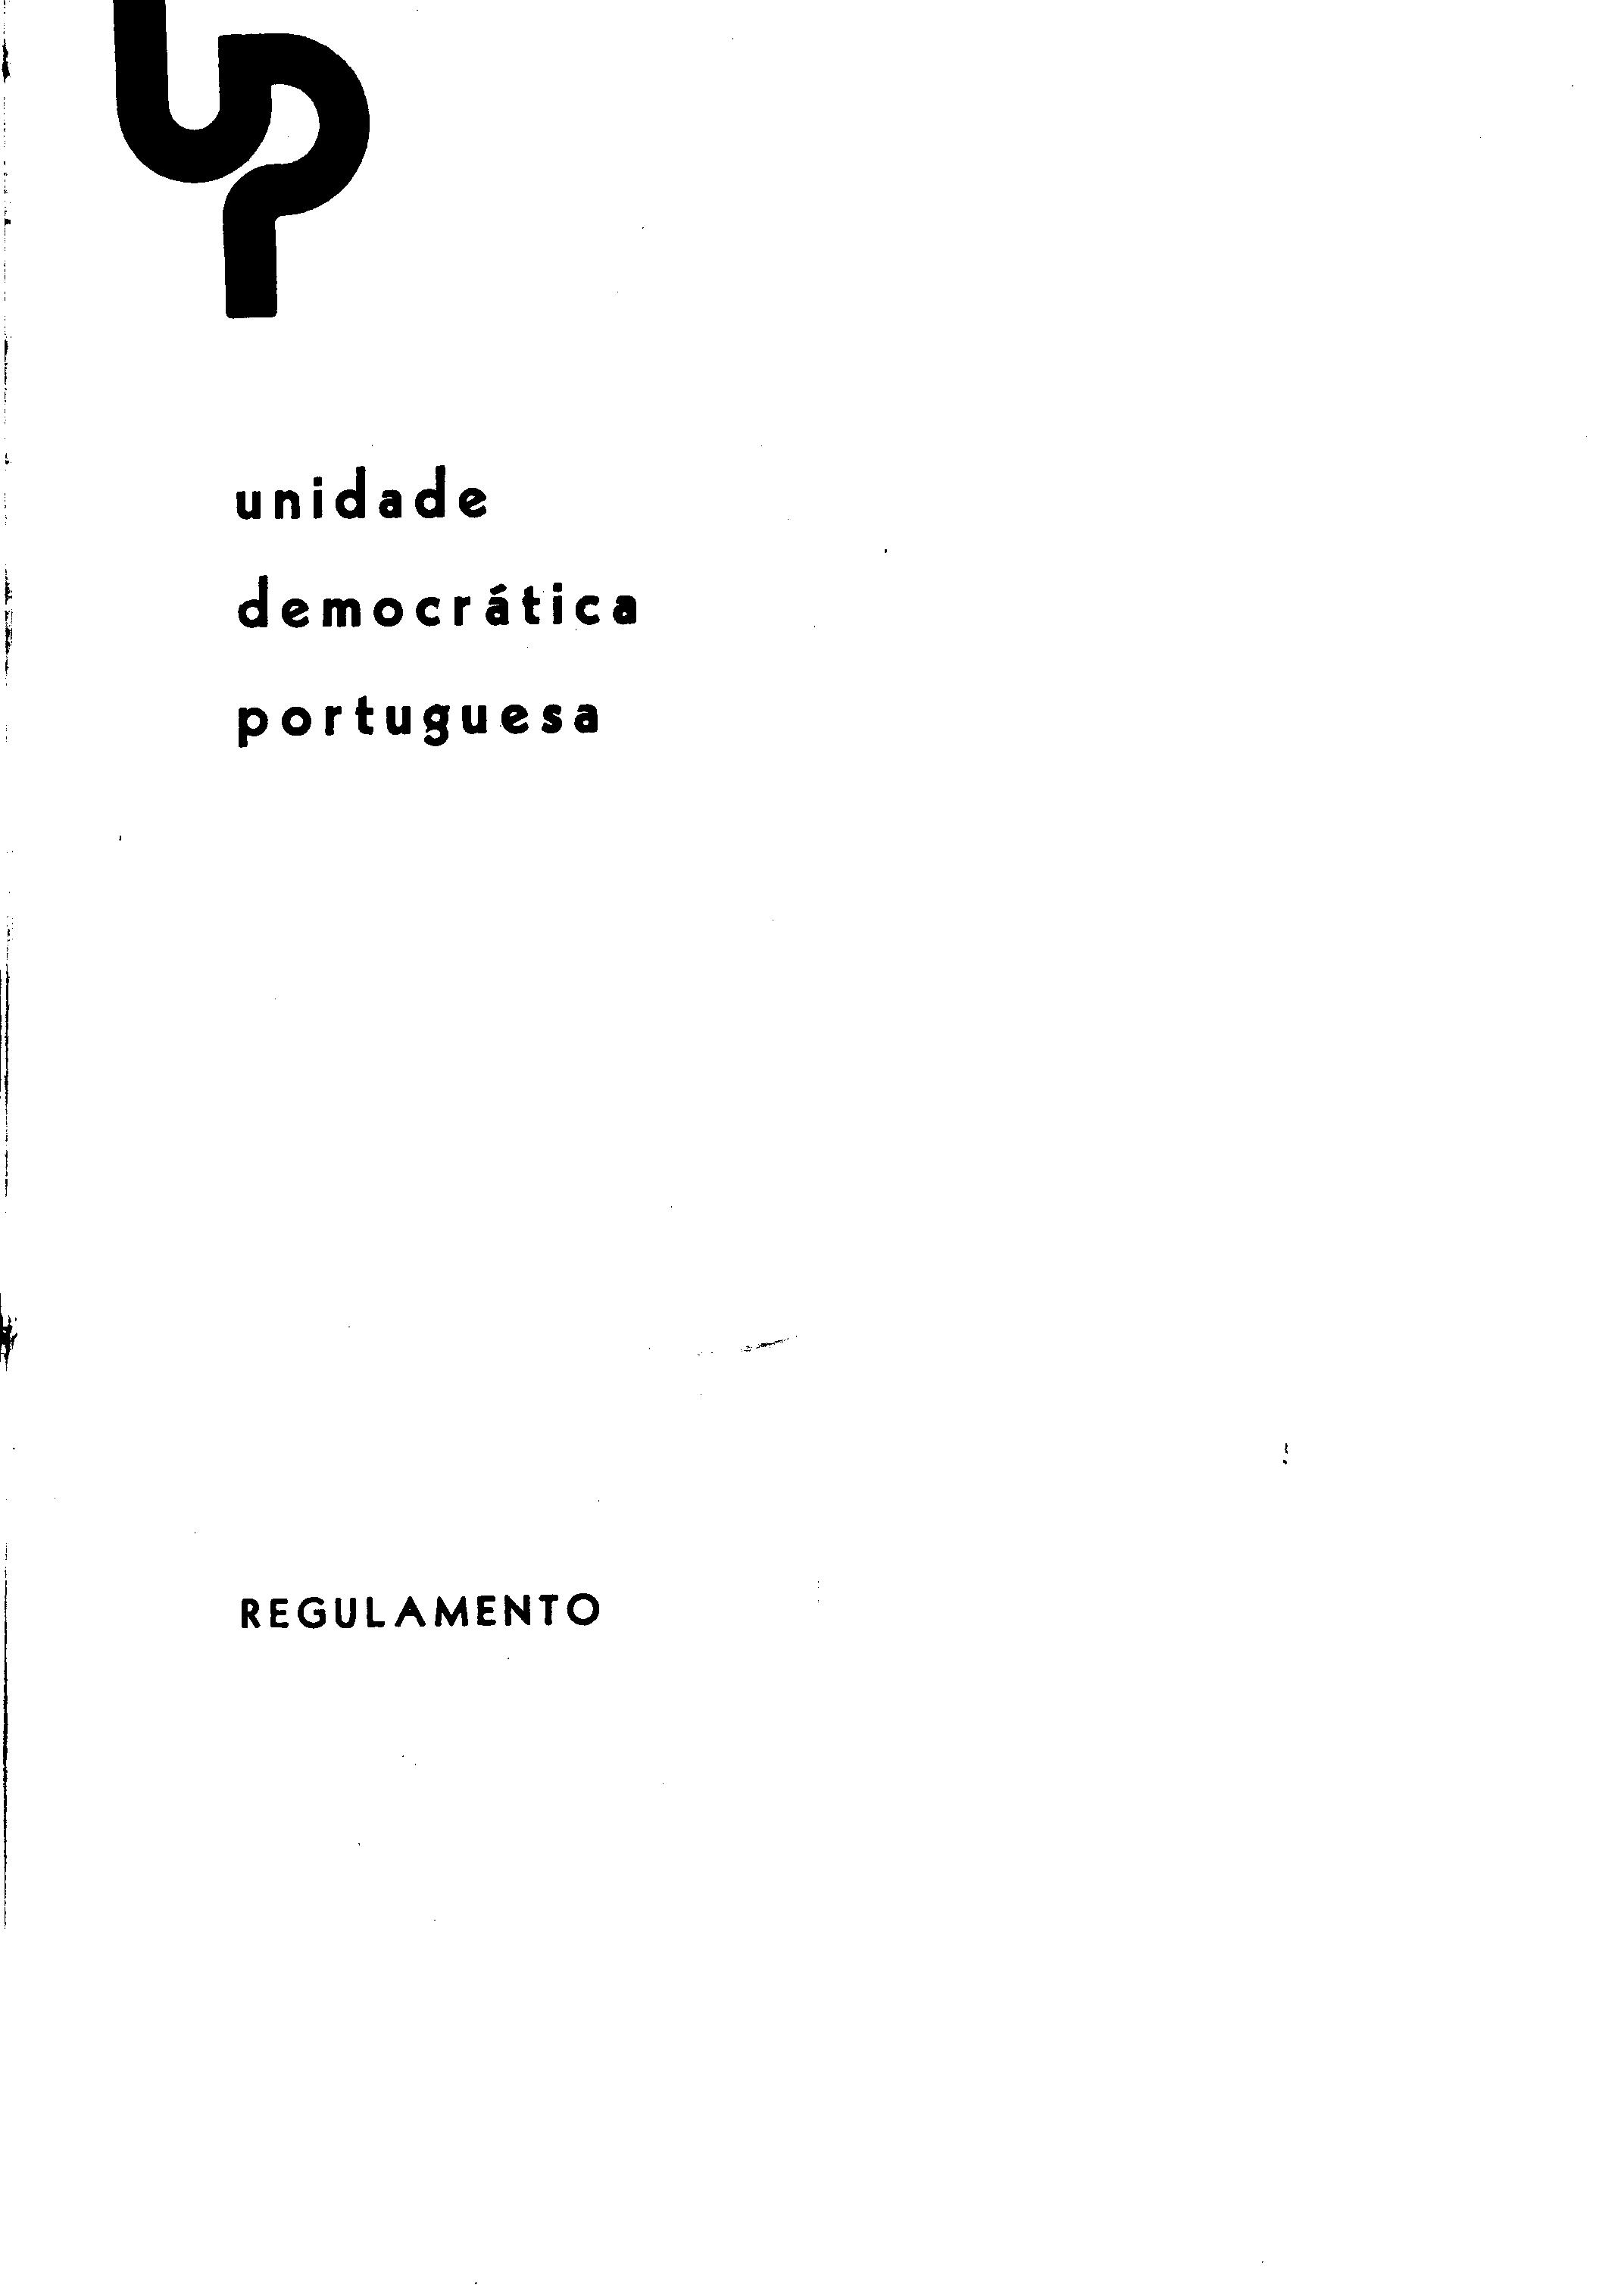 02611.011- pag.1